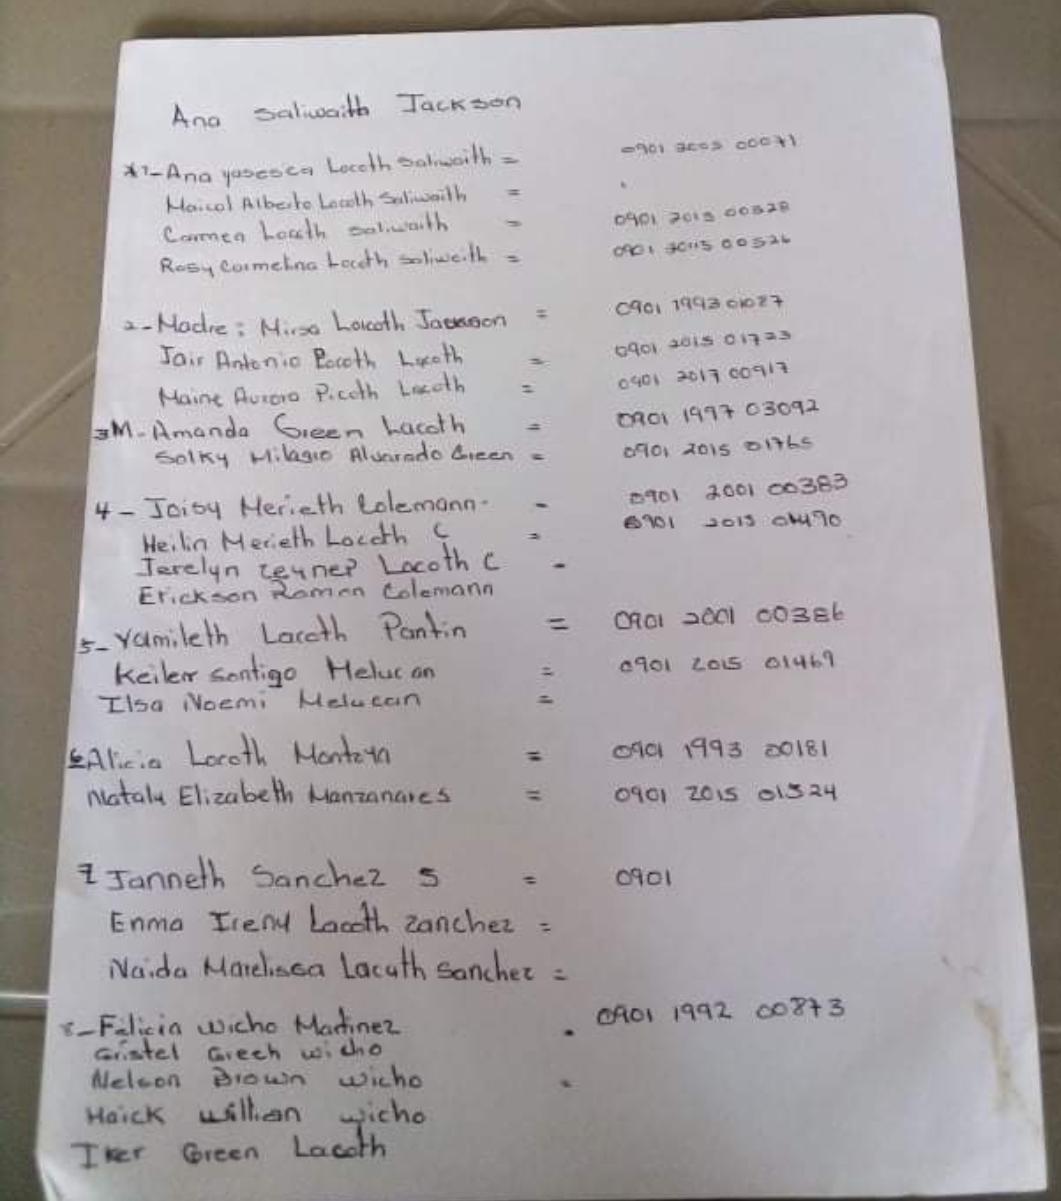 Listado de mujeres que han sido identificadas para el patrullaje de los nidos de guara roja